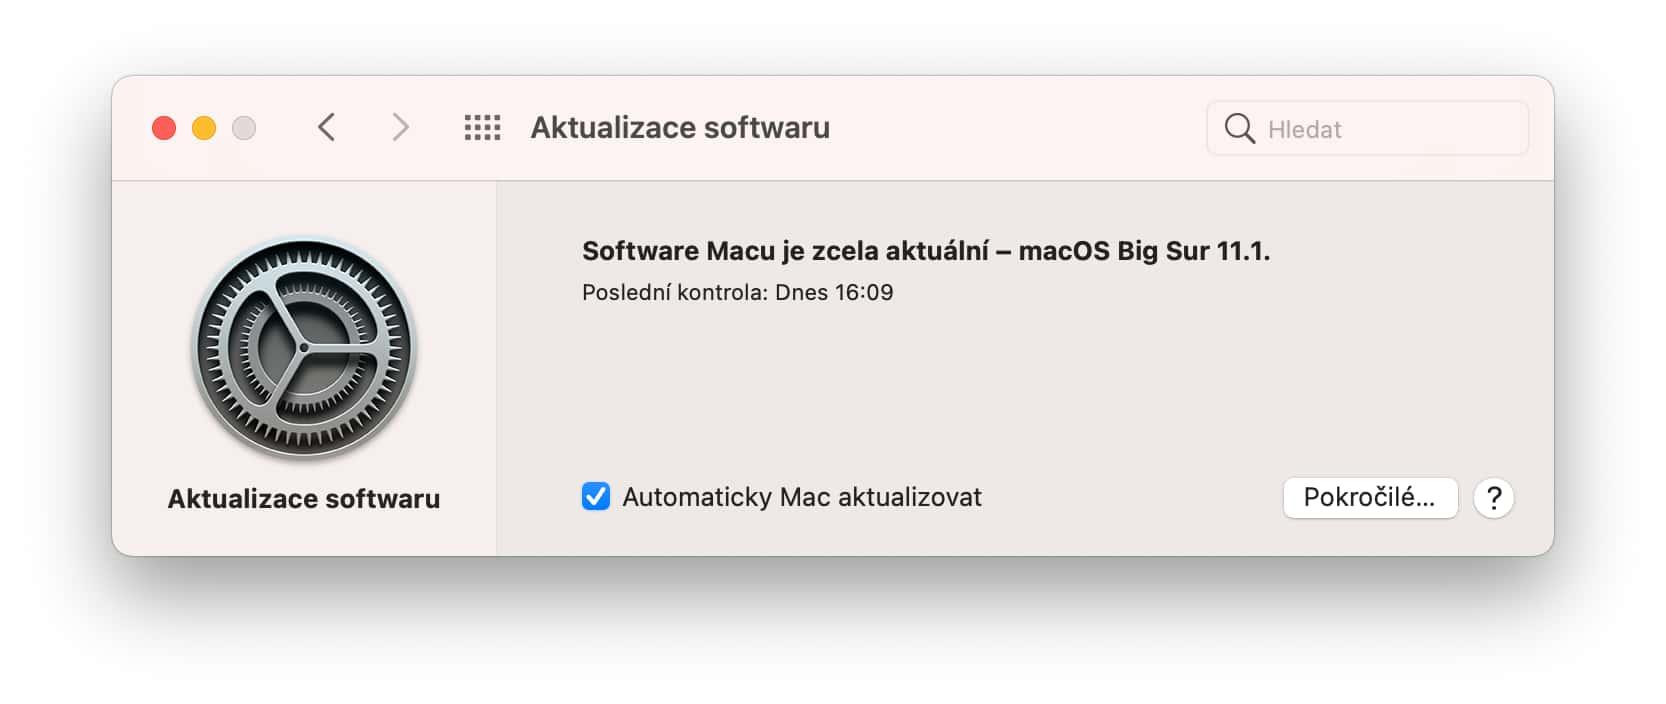 Aktualizace softwaru v macOS Catalina